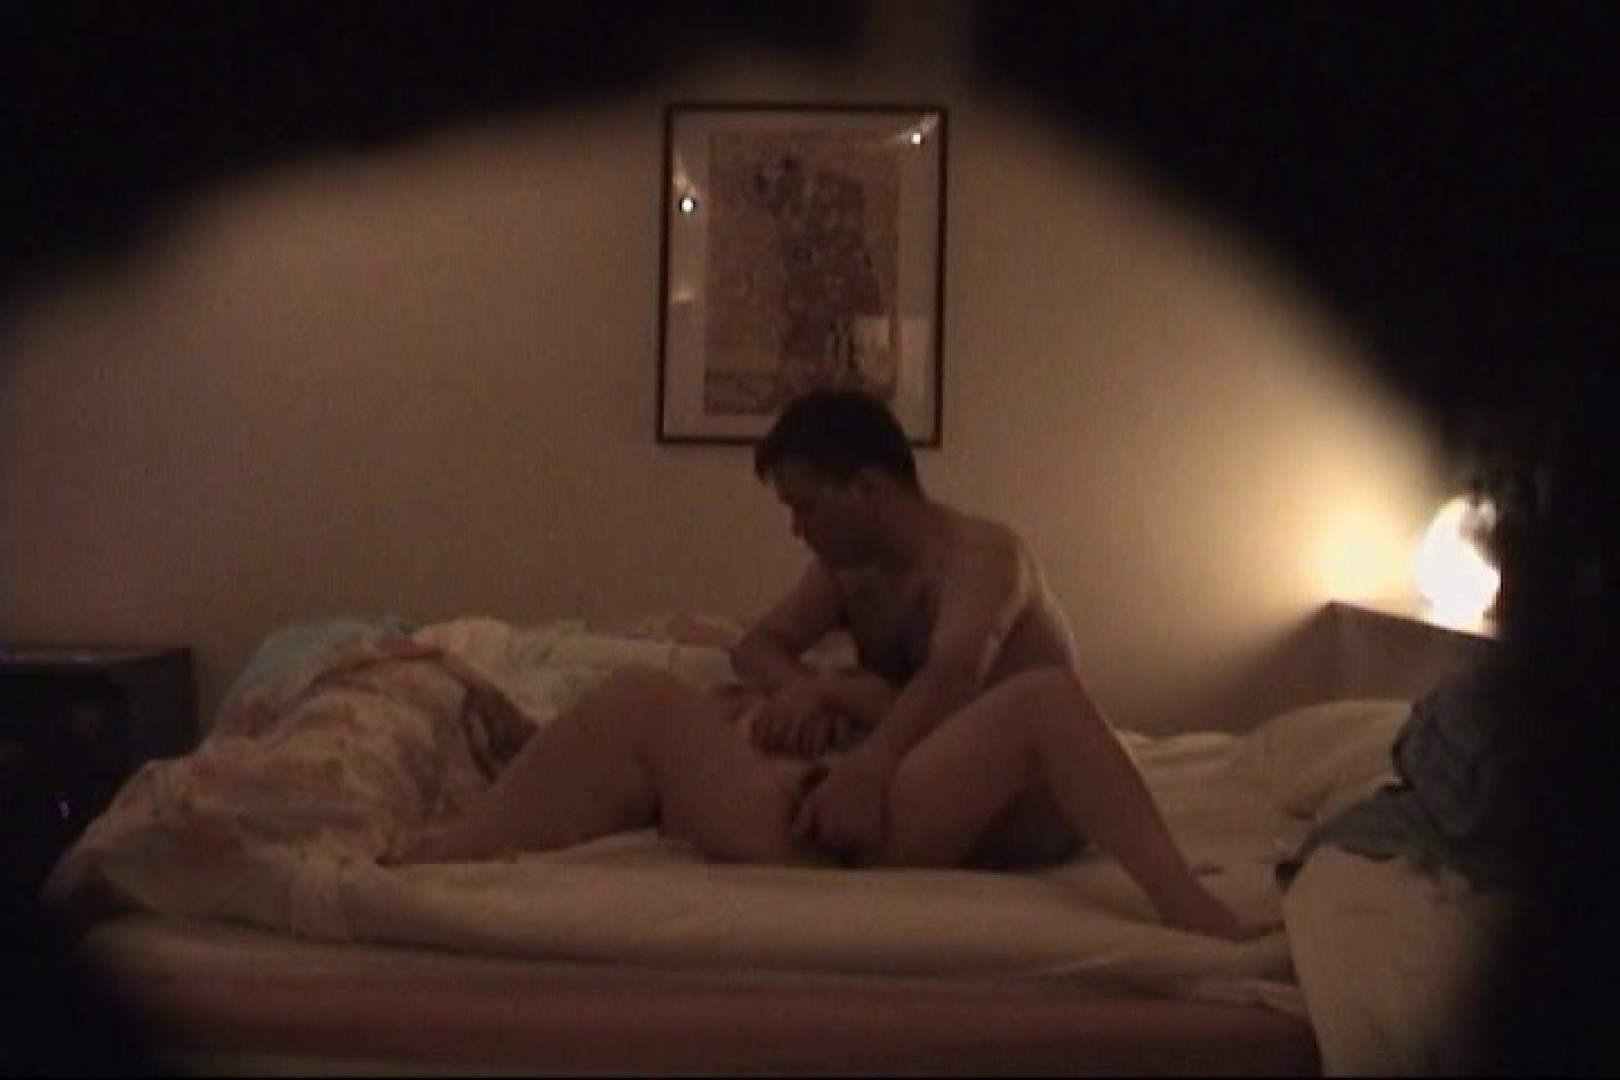 デリ嬢マル秘撮り本物投稿版④ ホテル潜入   おっぱい  51pic 23